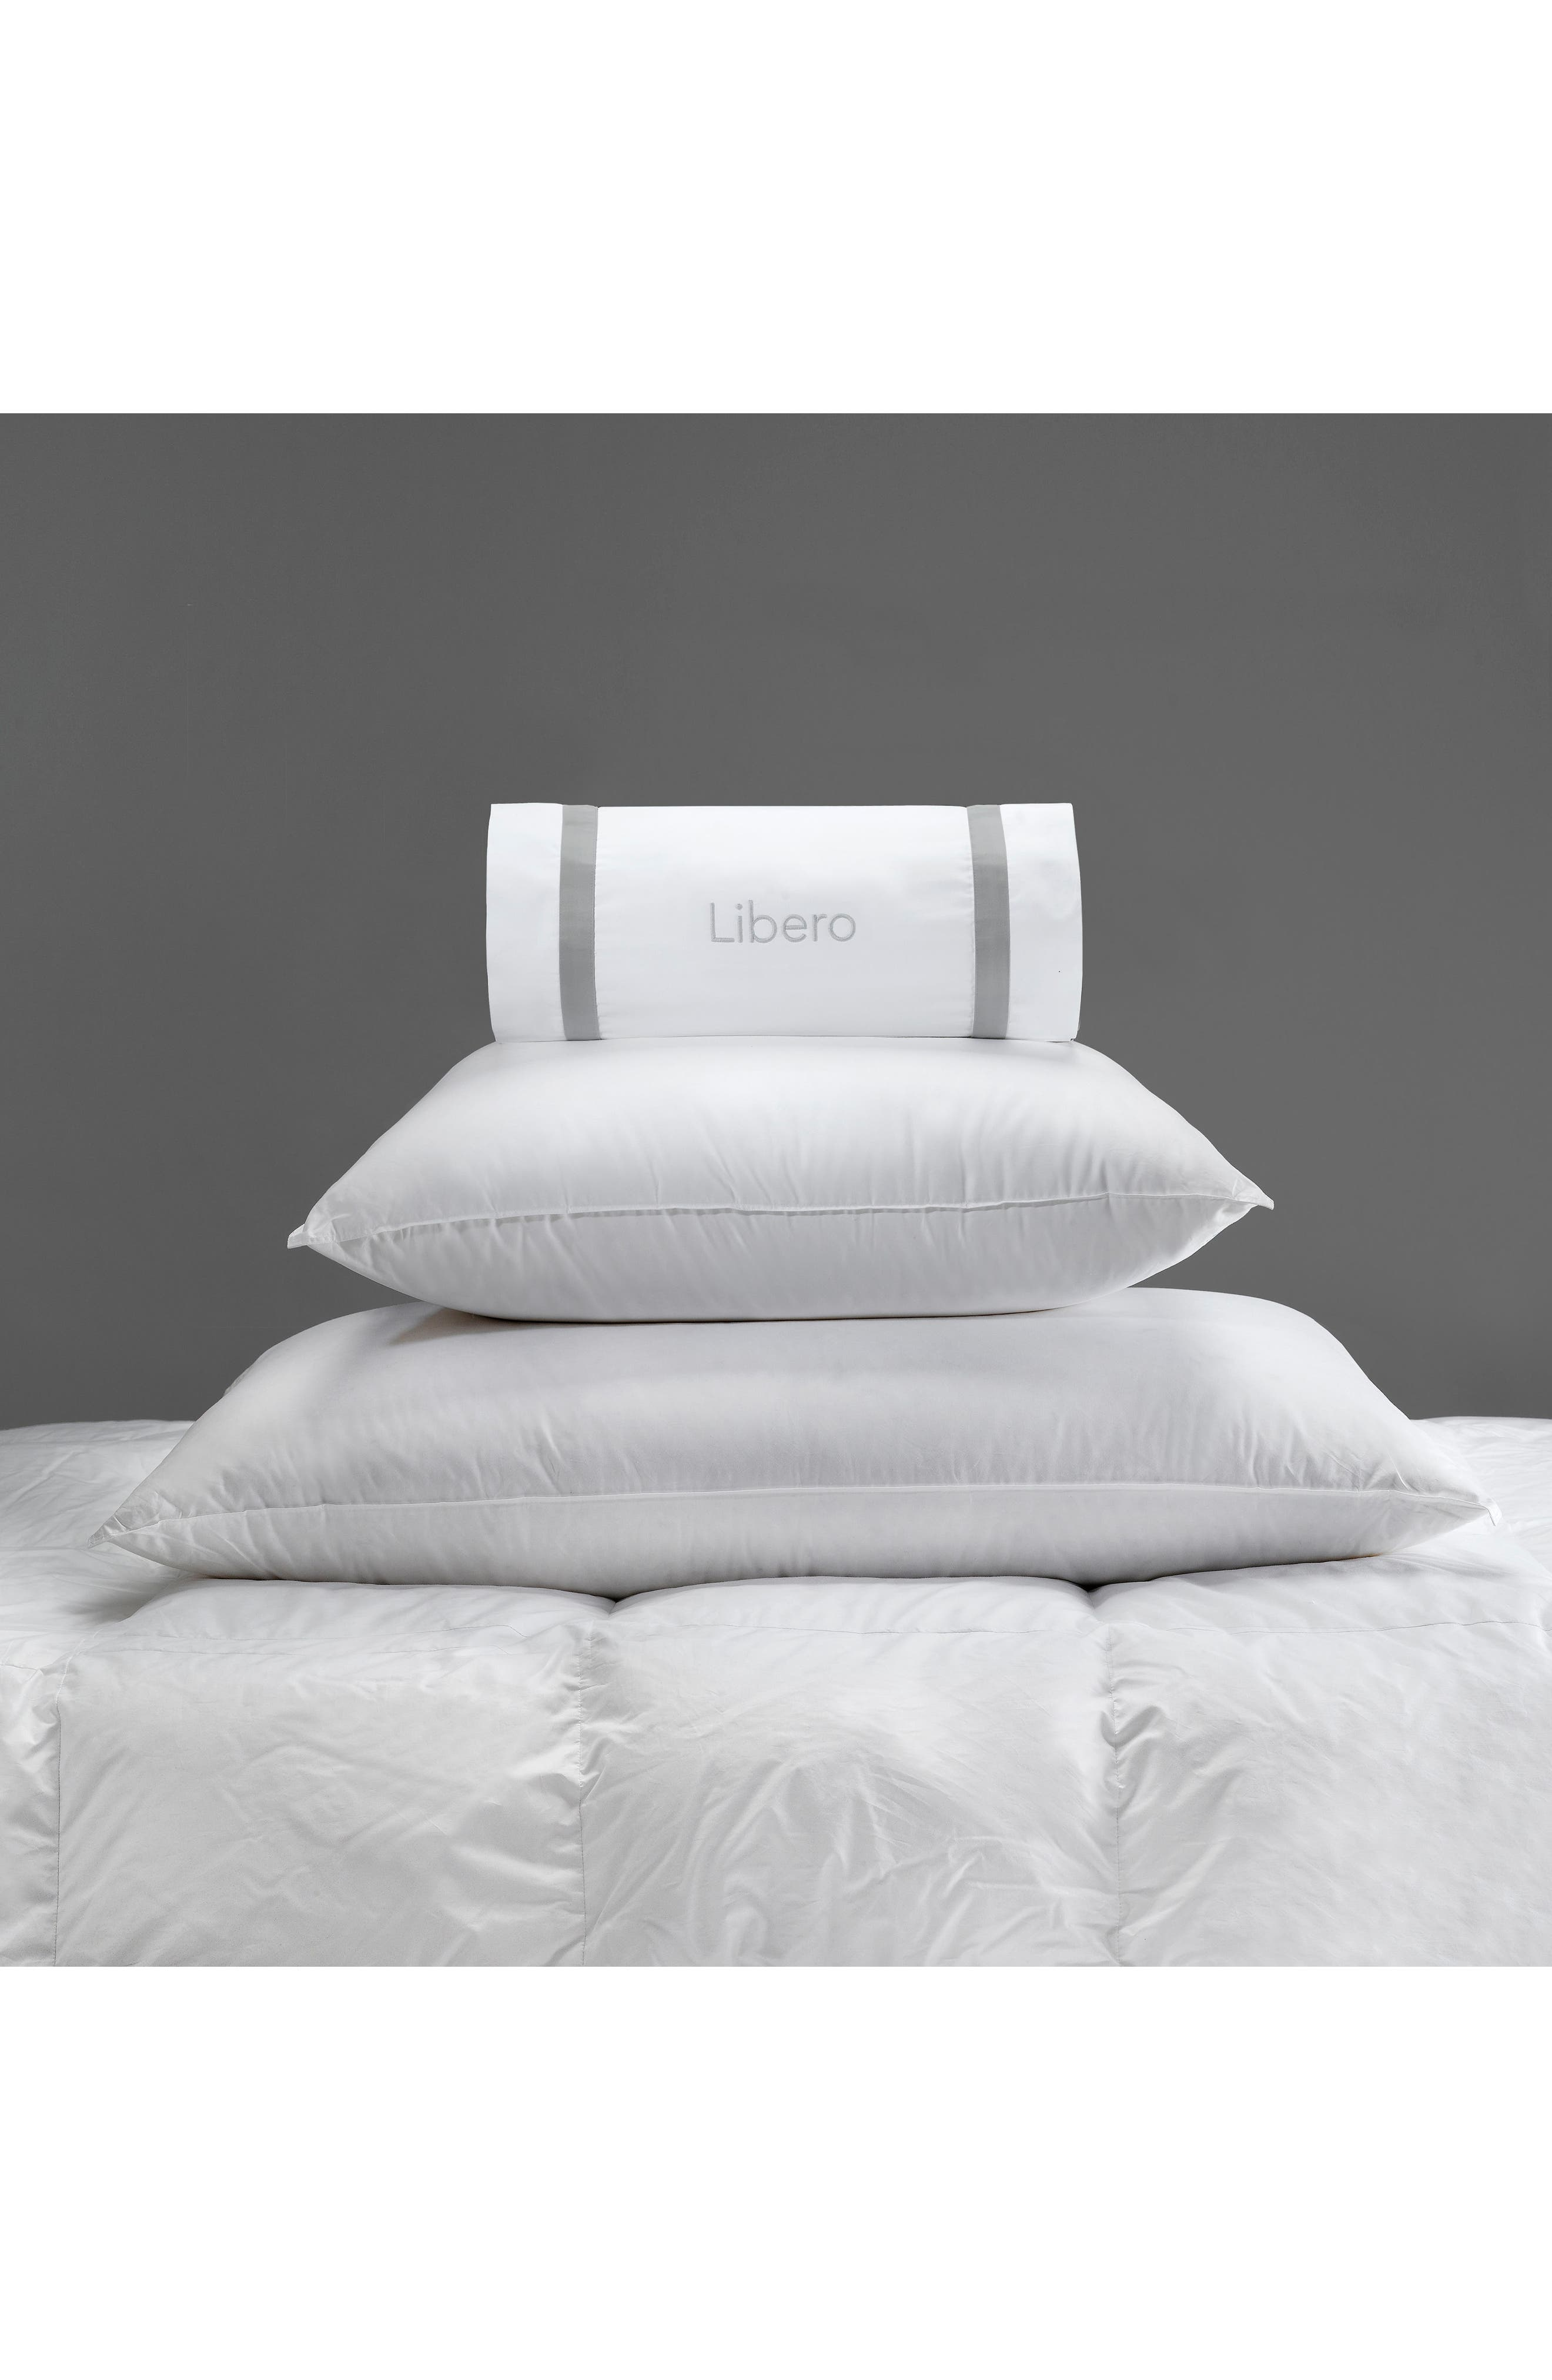 Libero Firm Boudoir Pillow,                             Alternate thumbnail 2, color,                             White